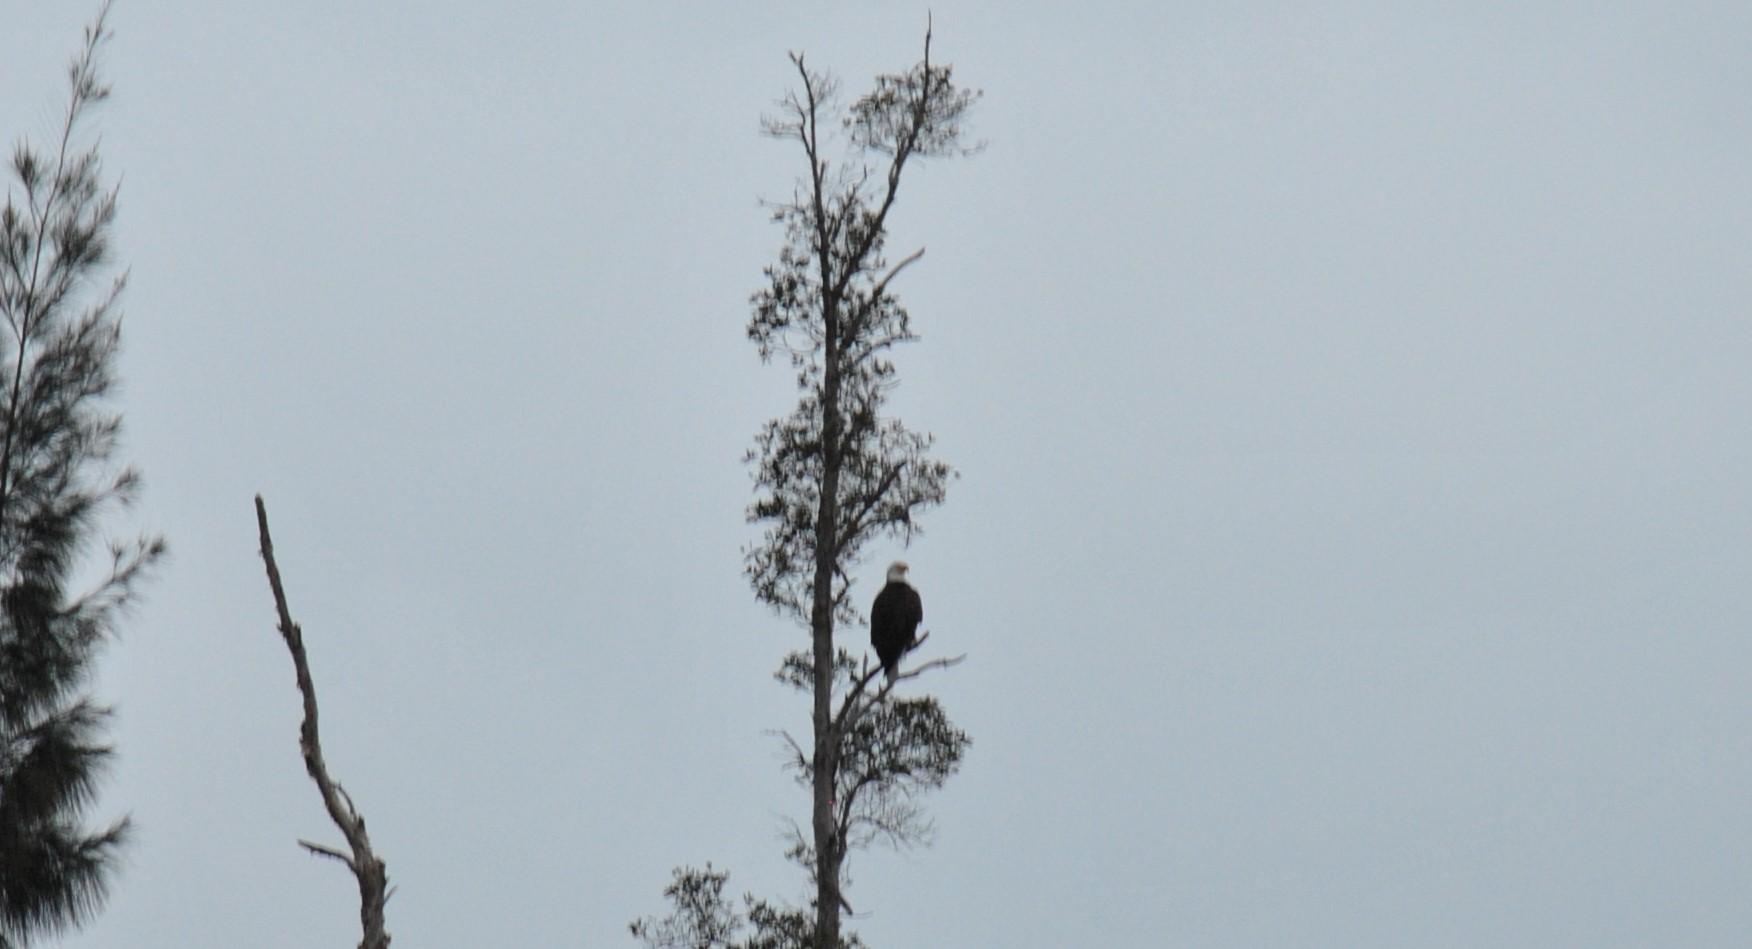 Eagle nearby DA005 mark